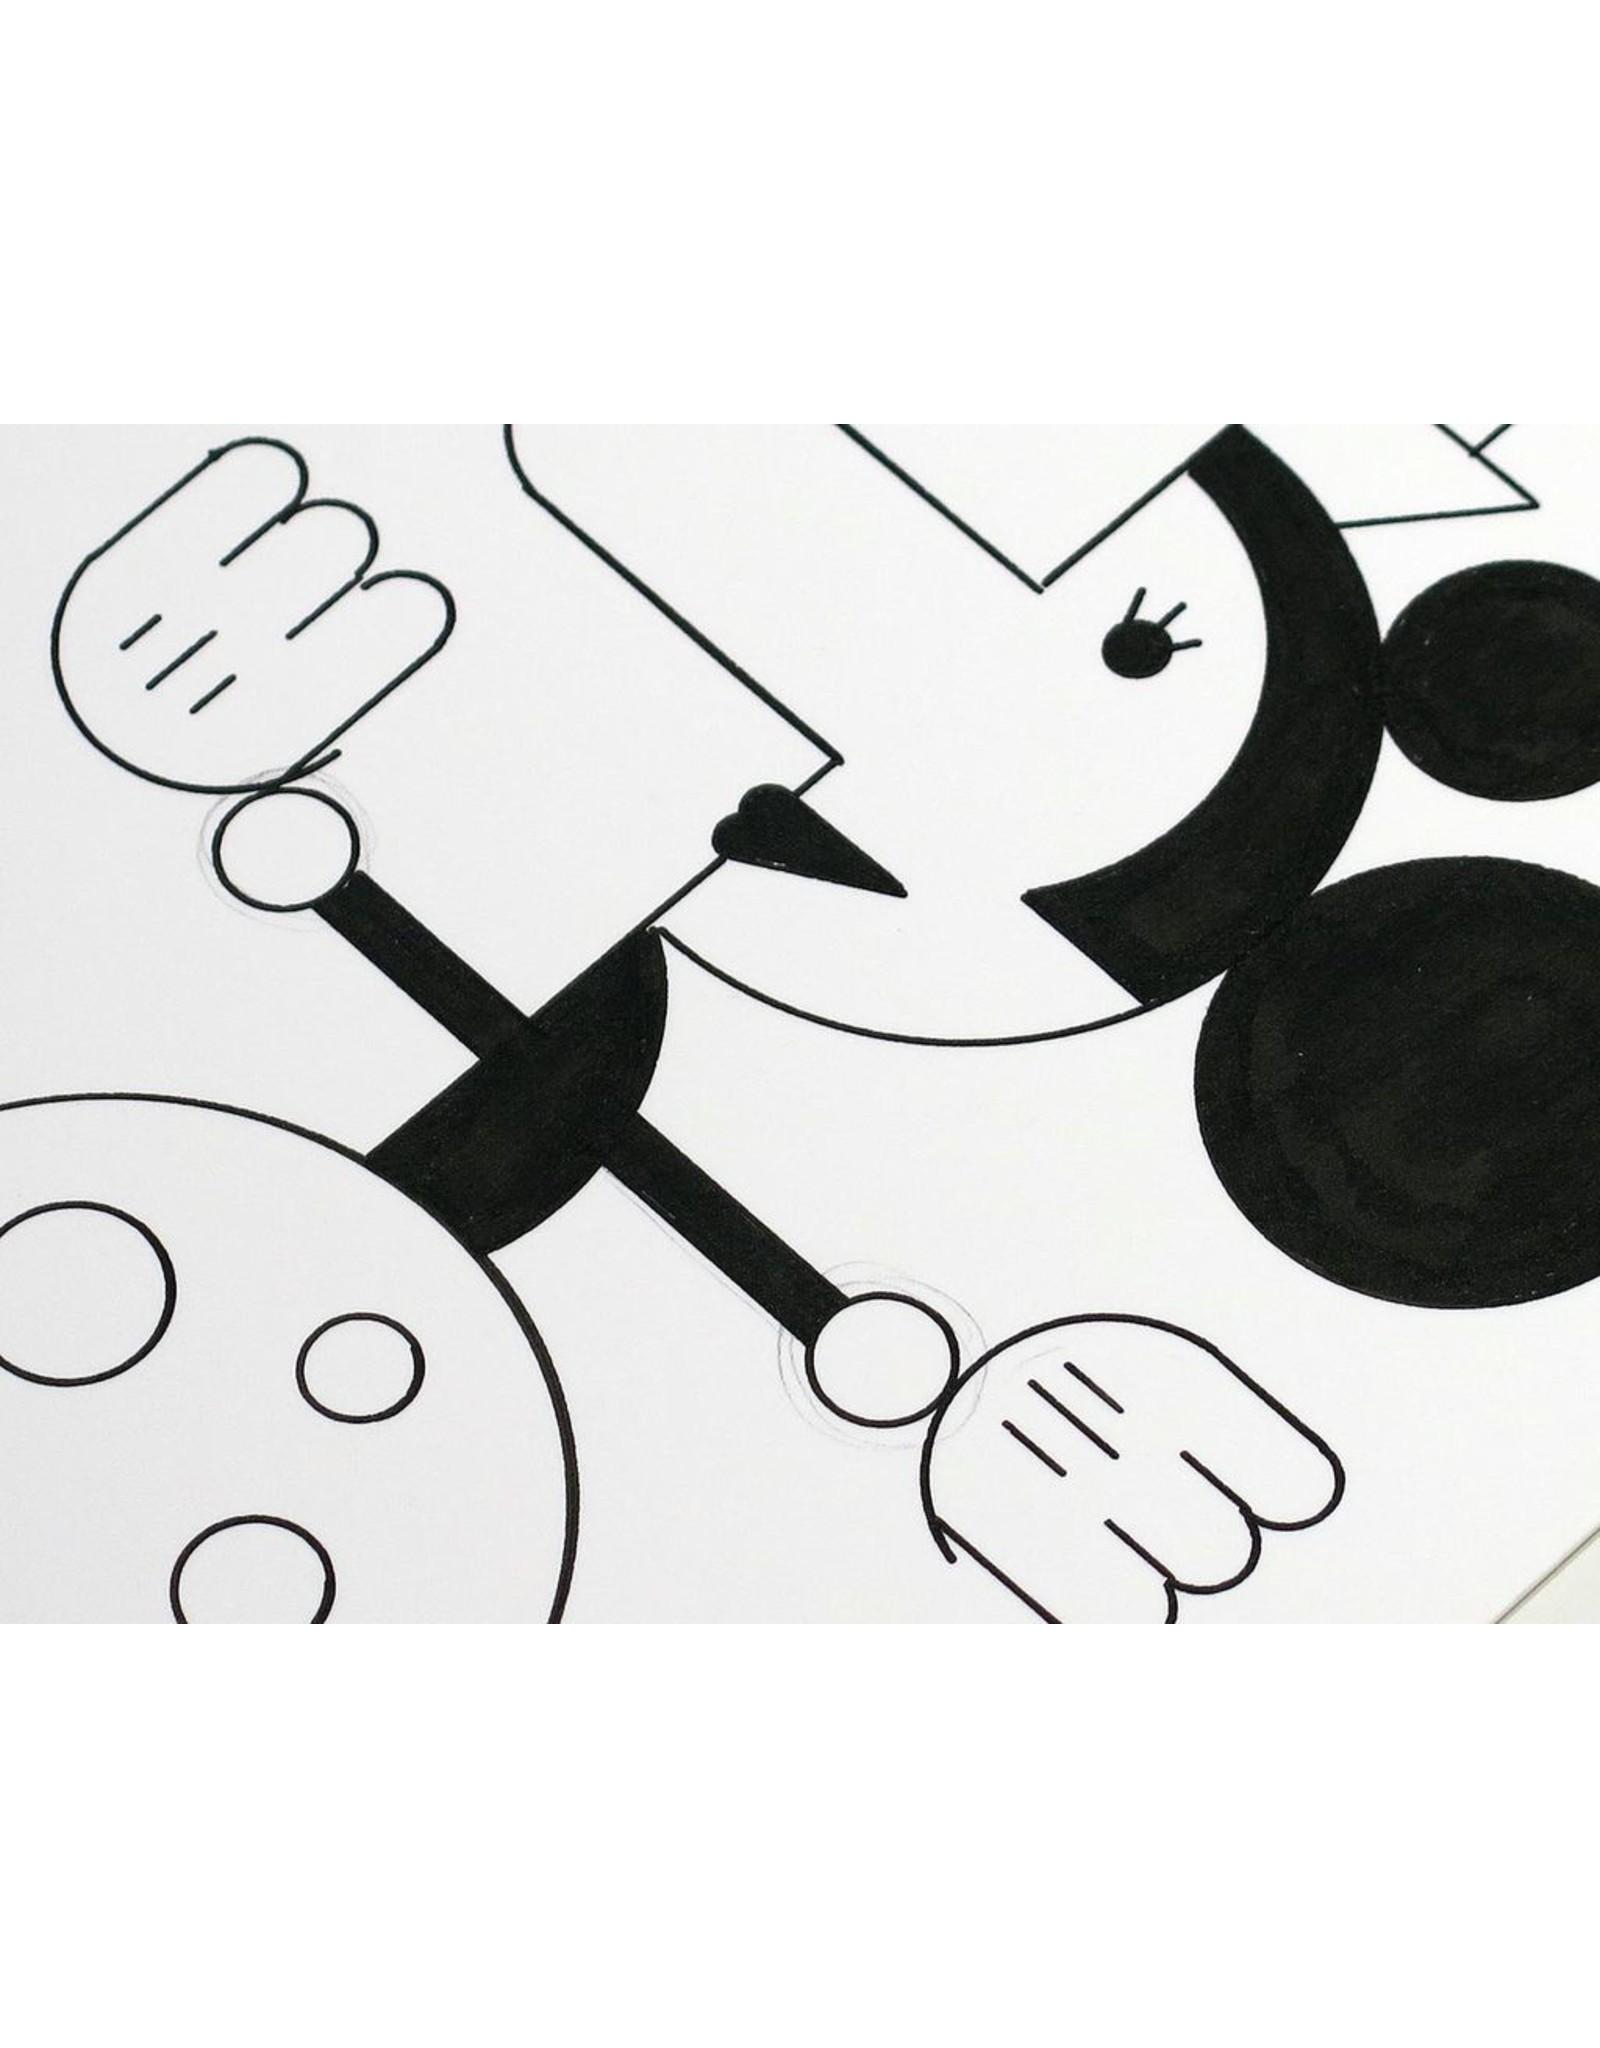 Ivan Brunetti Mouse #2, 2104, Illustration by Ivan Brunetti